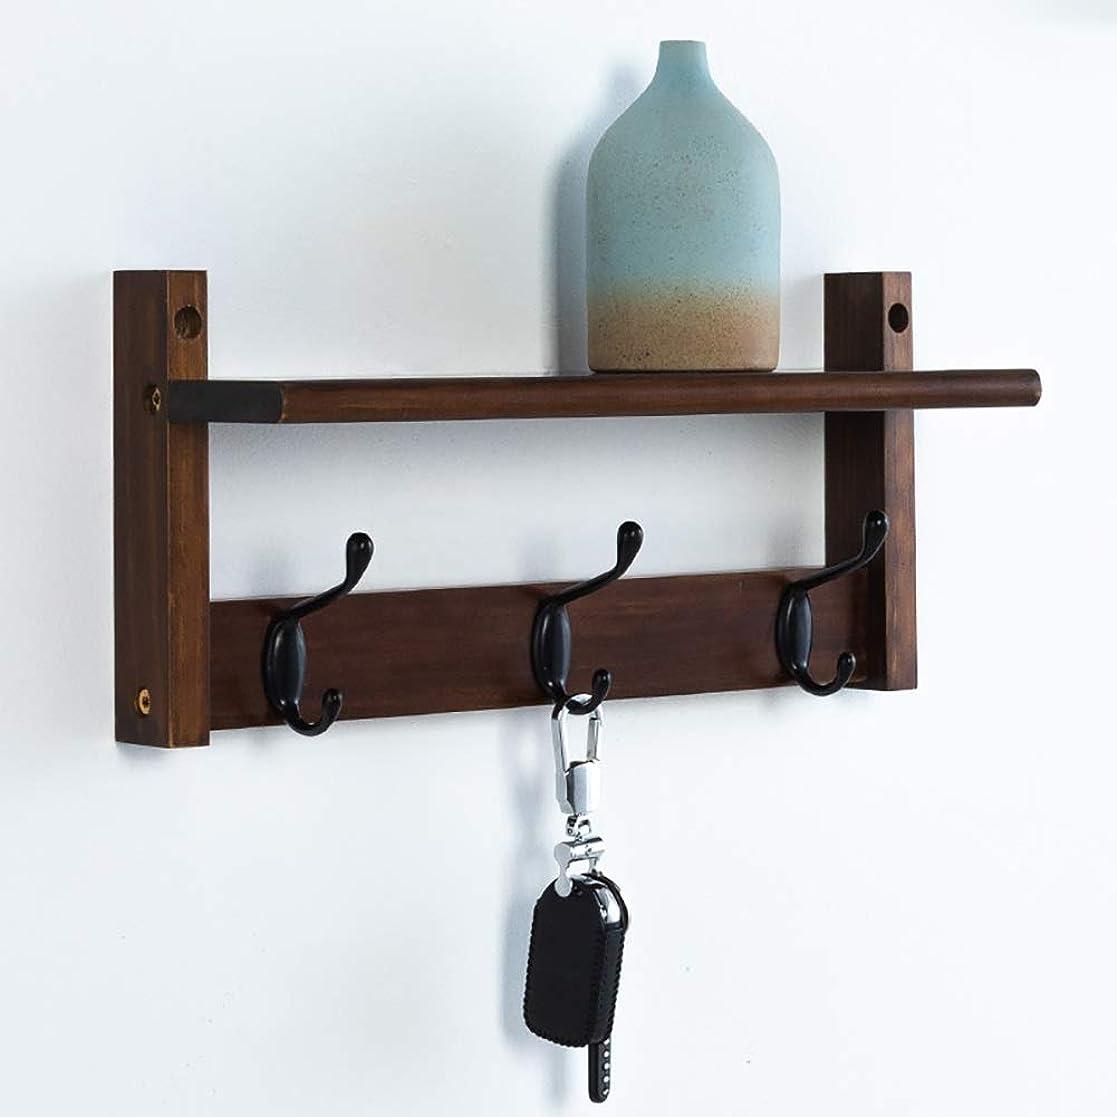 流す簡潔な聖人ウォールハンガー ブラウンコートラック収納棚、壁掛けコートフック、木製洋服フックハンガー用出入り口浴室用寝室 (Color : Brown, Size : 5 hooks)